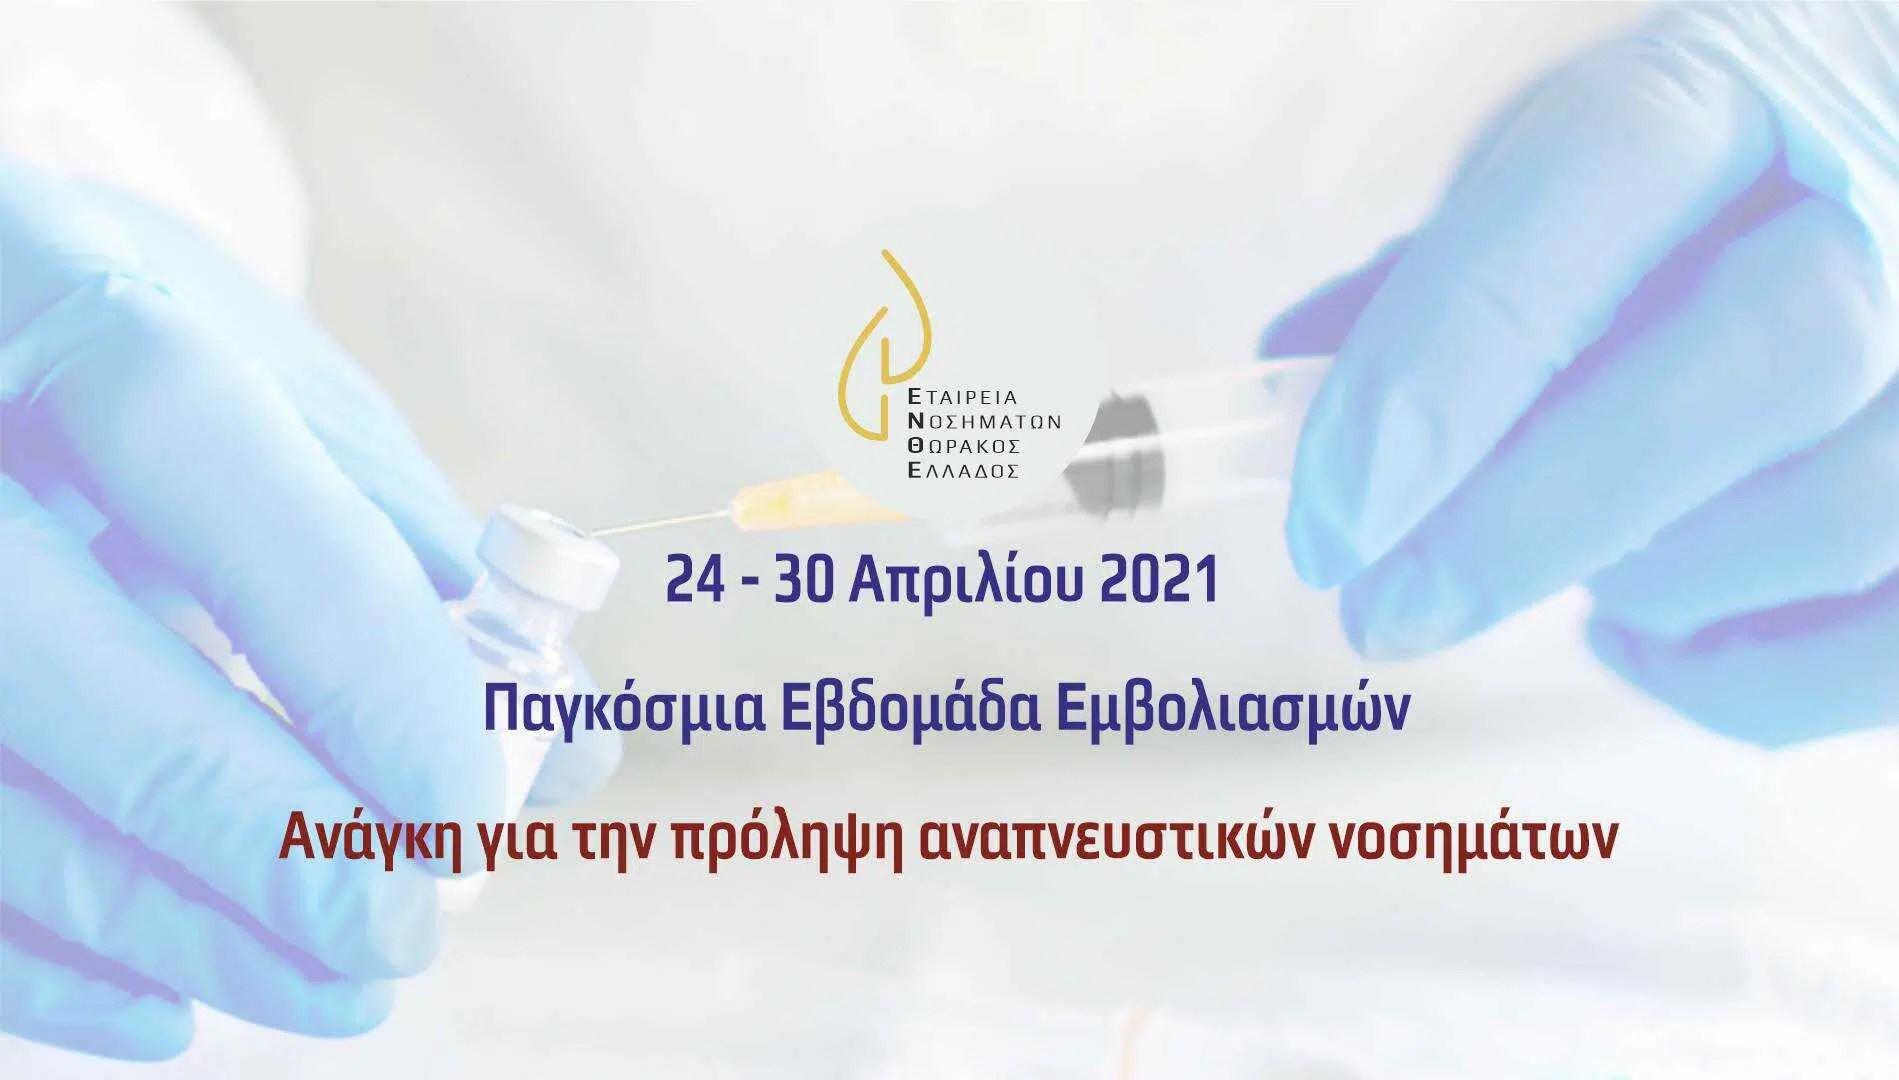 Παγκόσμια Εβδομάδα Εμβολιασμών - Ανάγκη για την πρόληψη αναπνευστικών νοσημάτων